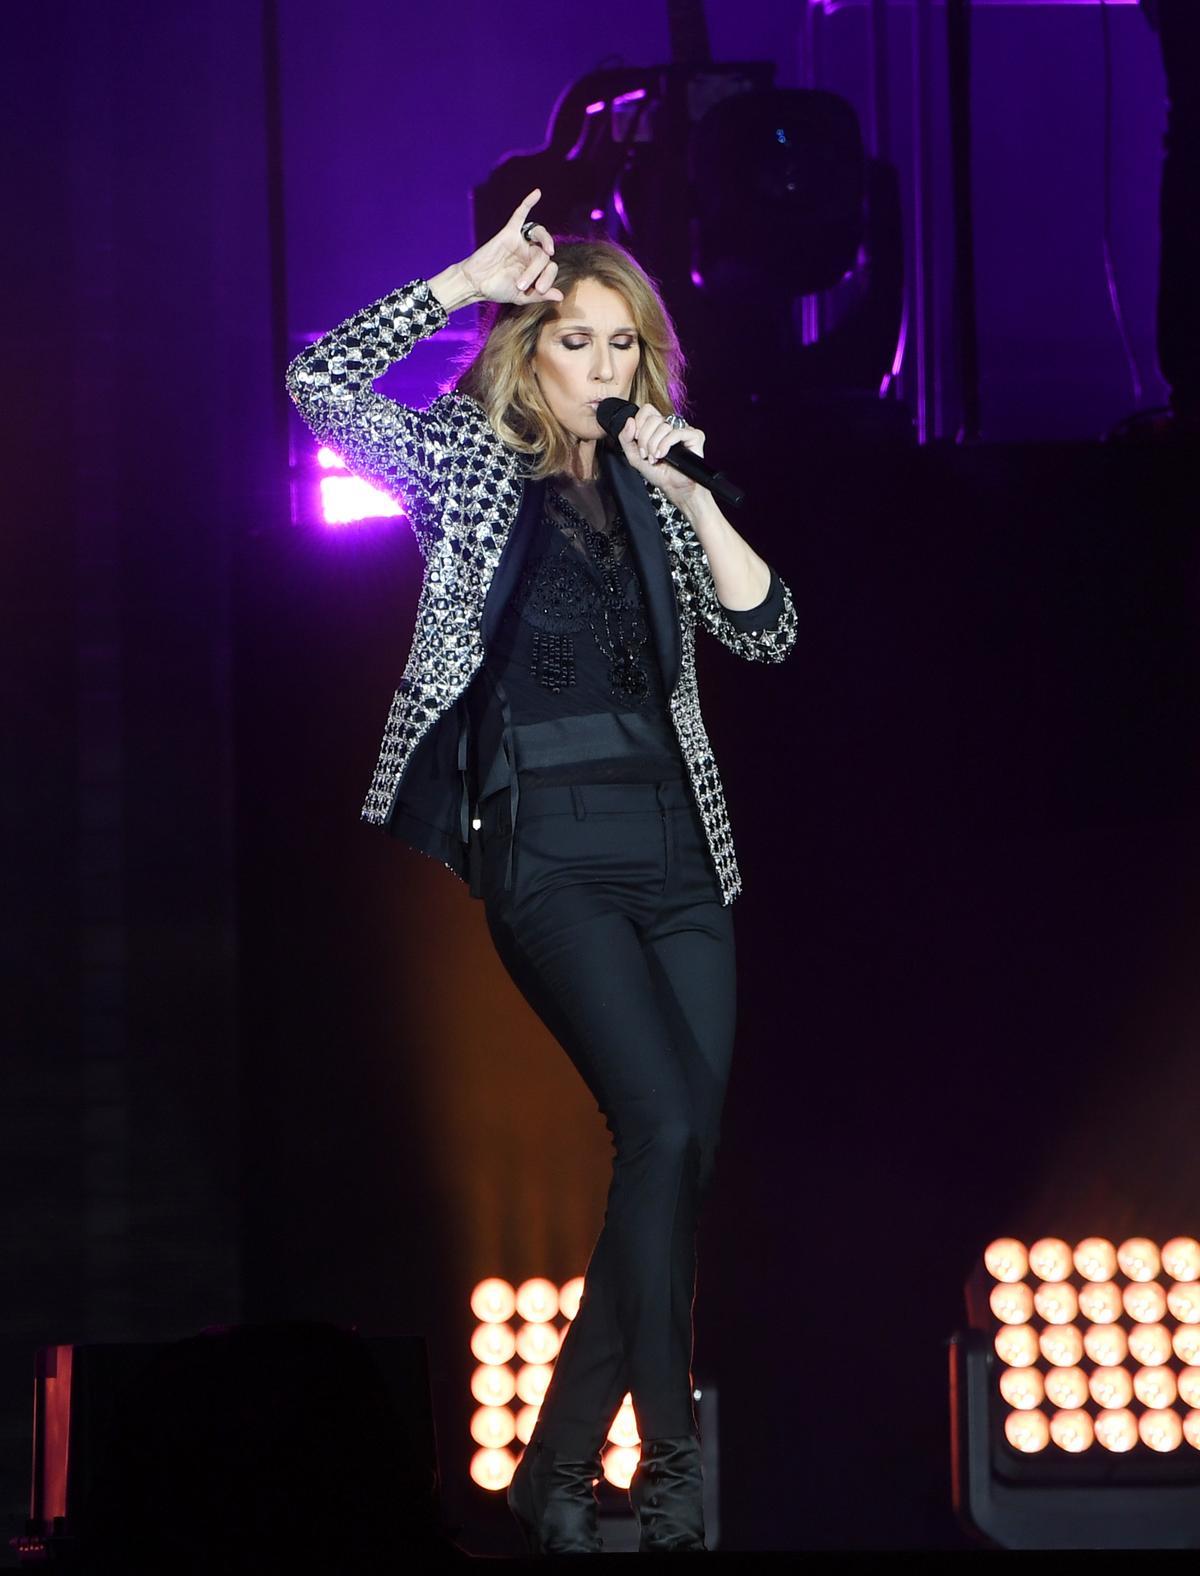 席琳狄翁台北演唱會最高票價開出13,800元台幣,勢必引起搶票熱潮。